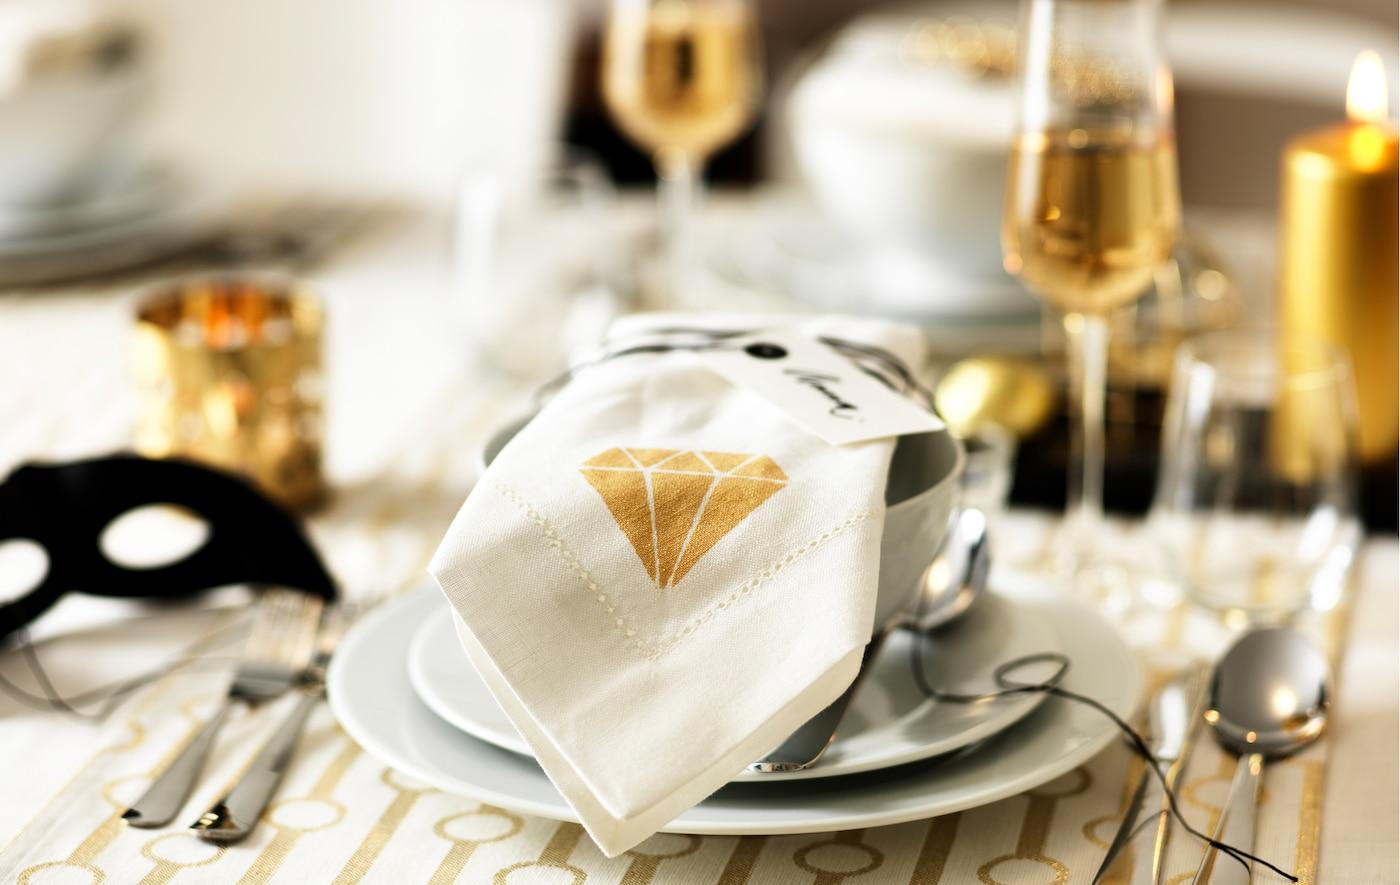 Tischdekorationsideen können so einfach sein! Gestalte Servietten individuell, z. B. indem du eine weiße GULLMAJ Serviette von IKEA mit einer Schablone goldfarben in Form eines Diamanten verzierst. Diese Serviette platzierst du dann über einer weißen Schüssel auf einem weiß-goldenen Tischset.